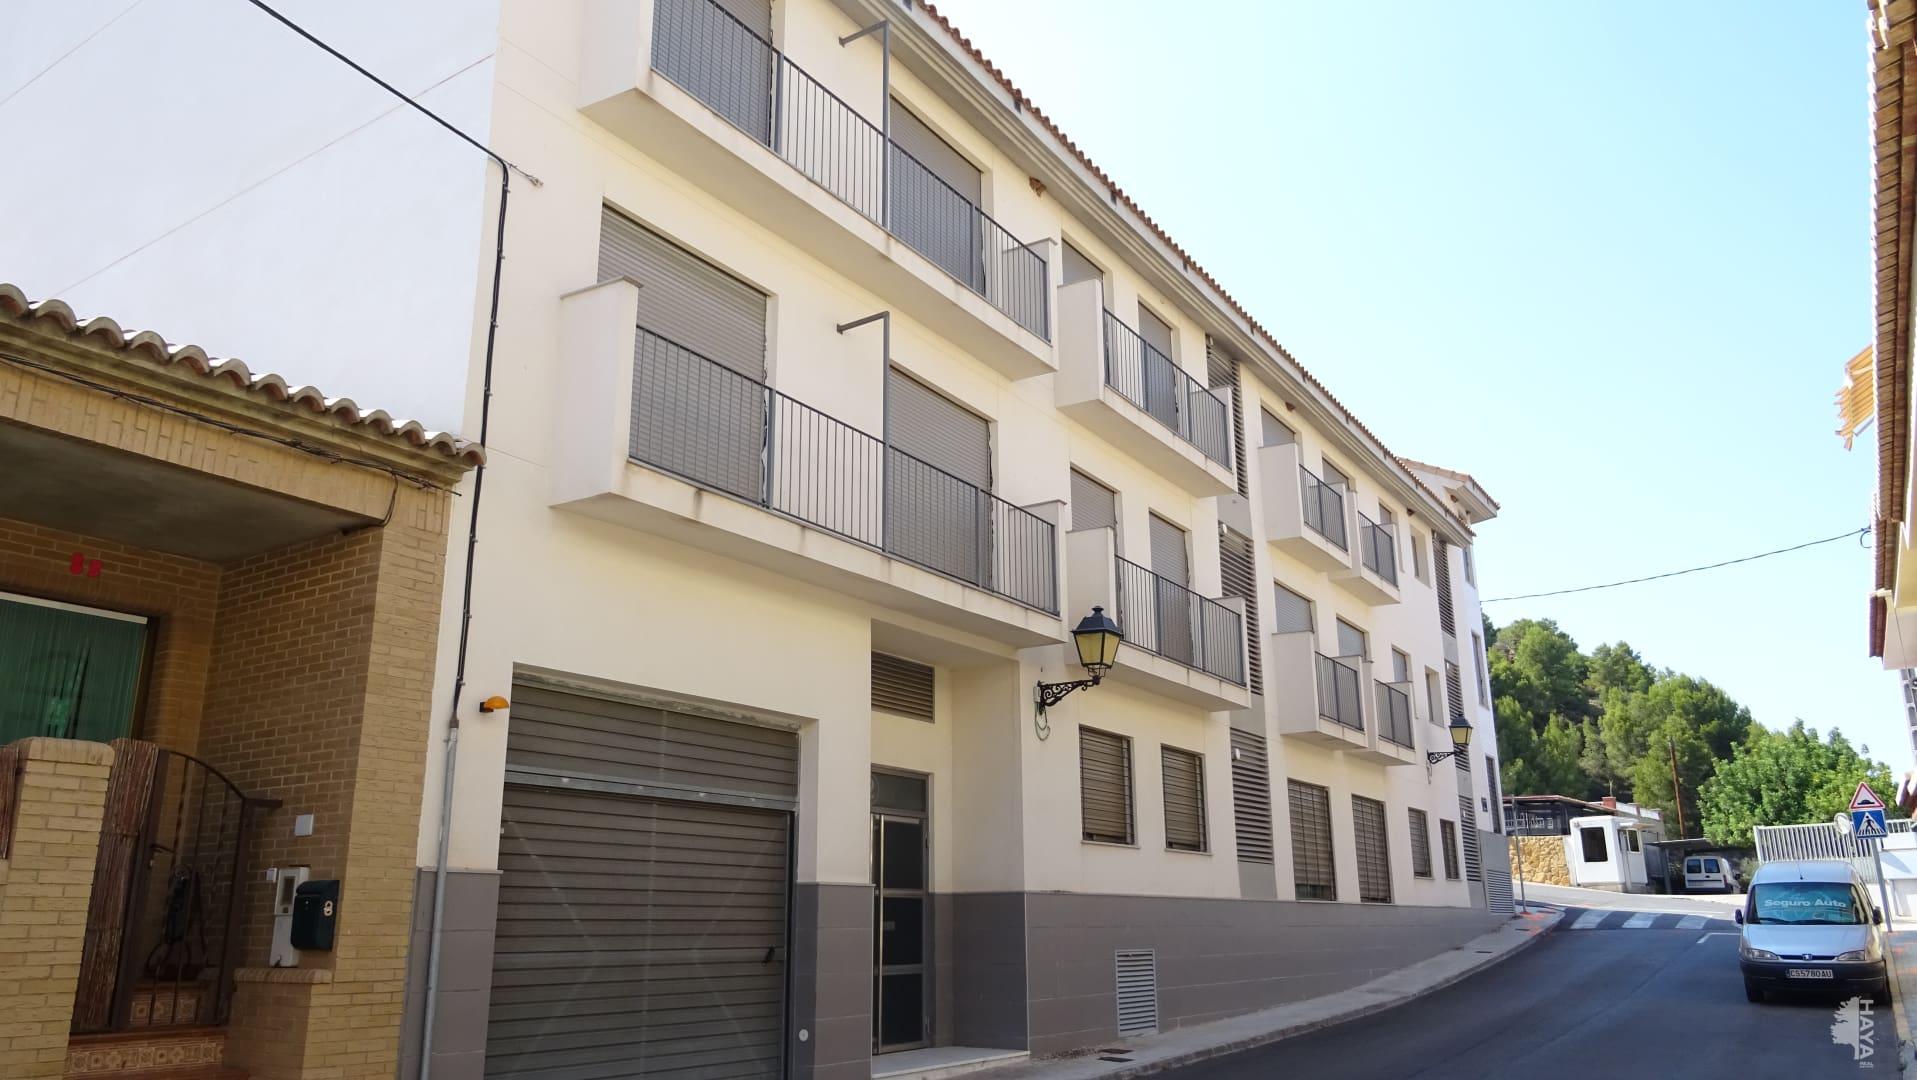 Piso en venta en Gilet, Gilet, Valencia, Calle Sagunt, 96.000 €, 3 habitaciones, 2 baños, 75 m2